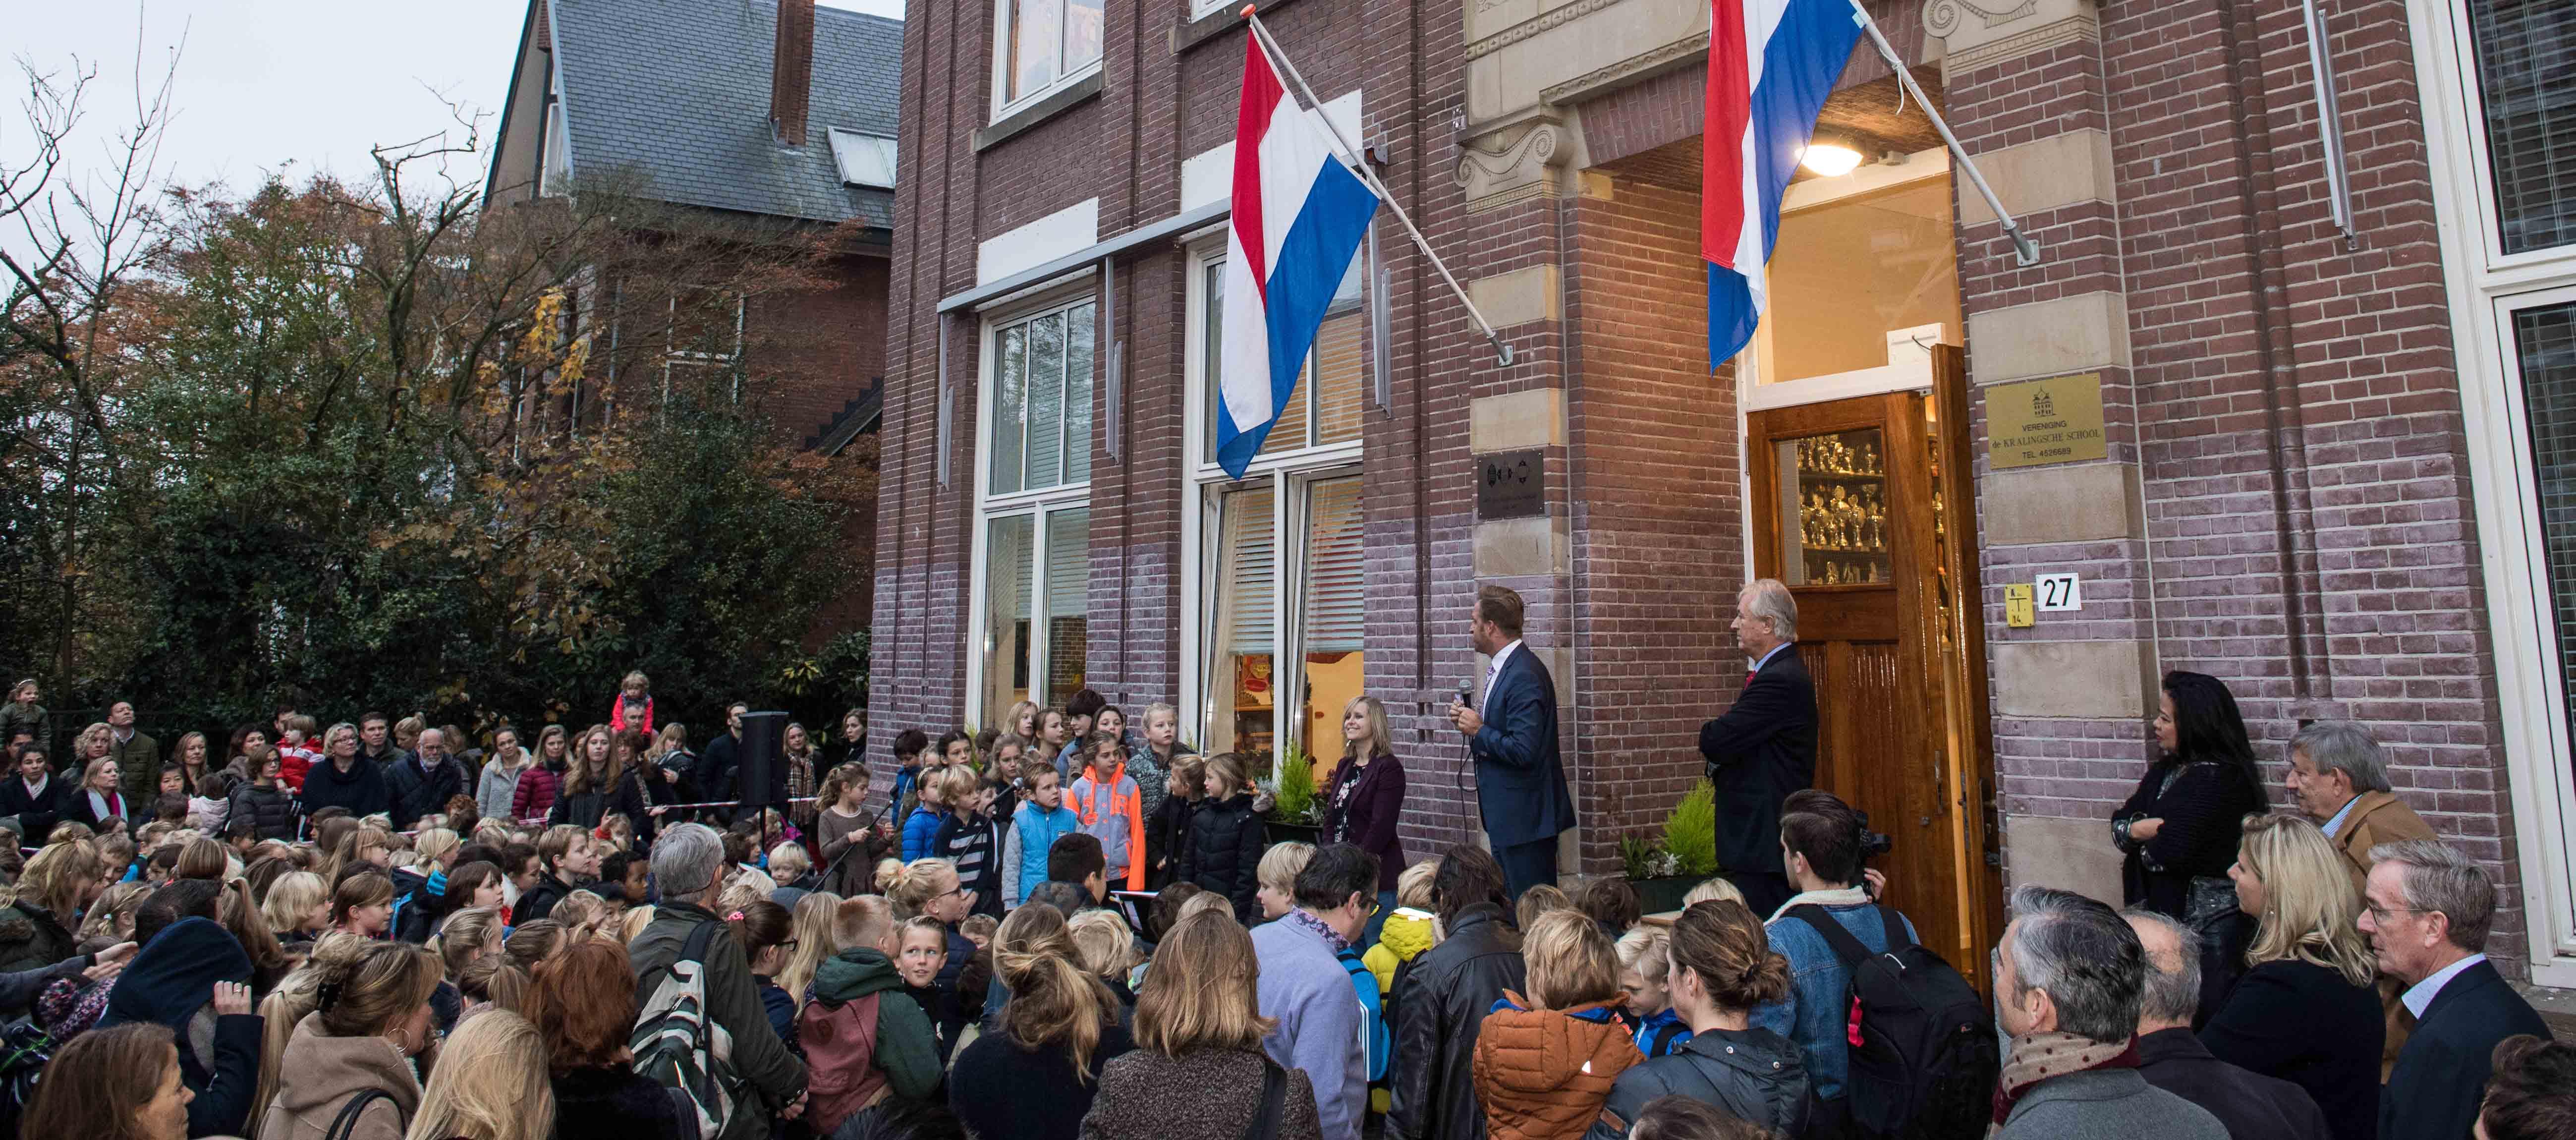 Vacature leerkracht basisschool Rotterdam coöperatief leren meertalig muziek sport techniek hoogbegaafd parkeervergunning